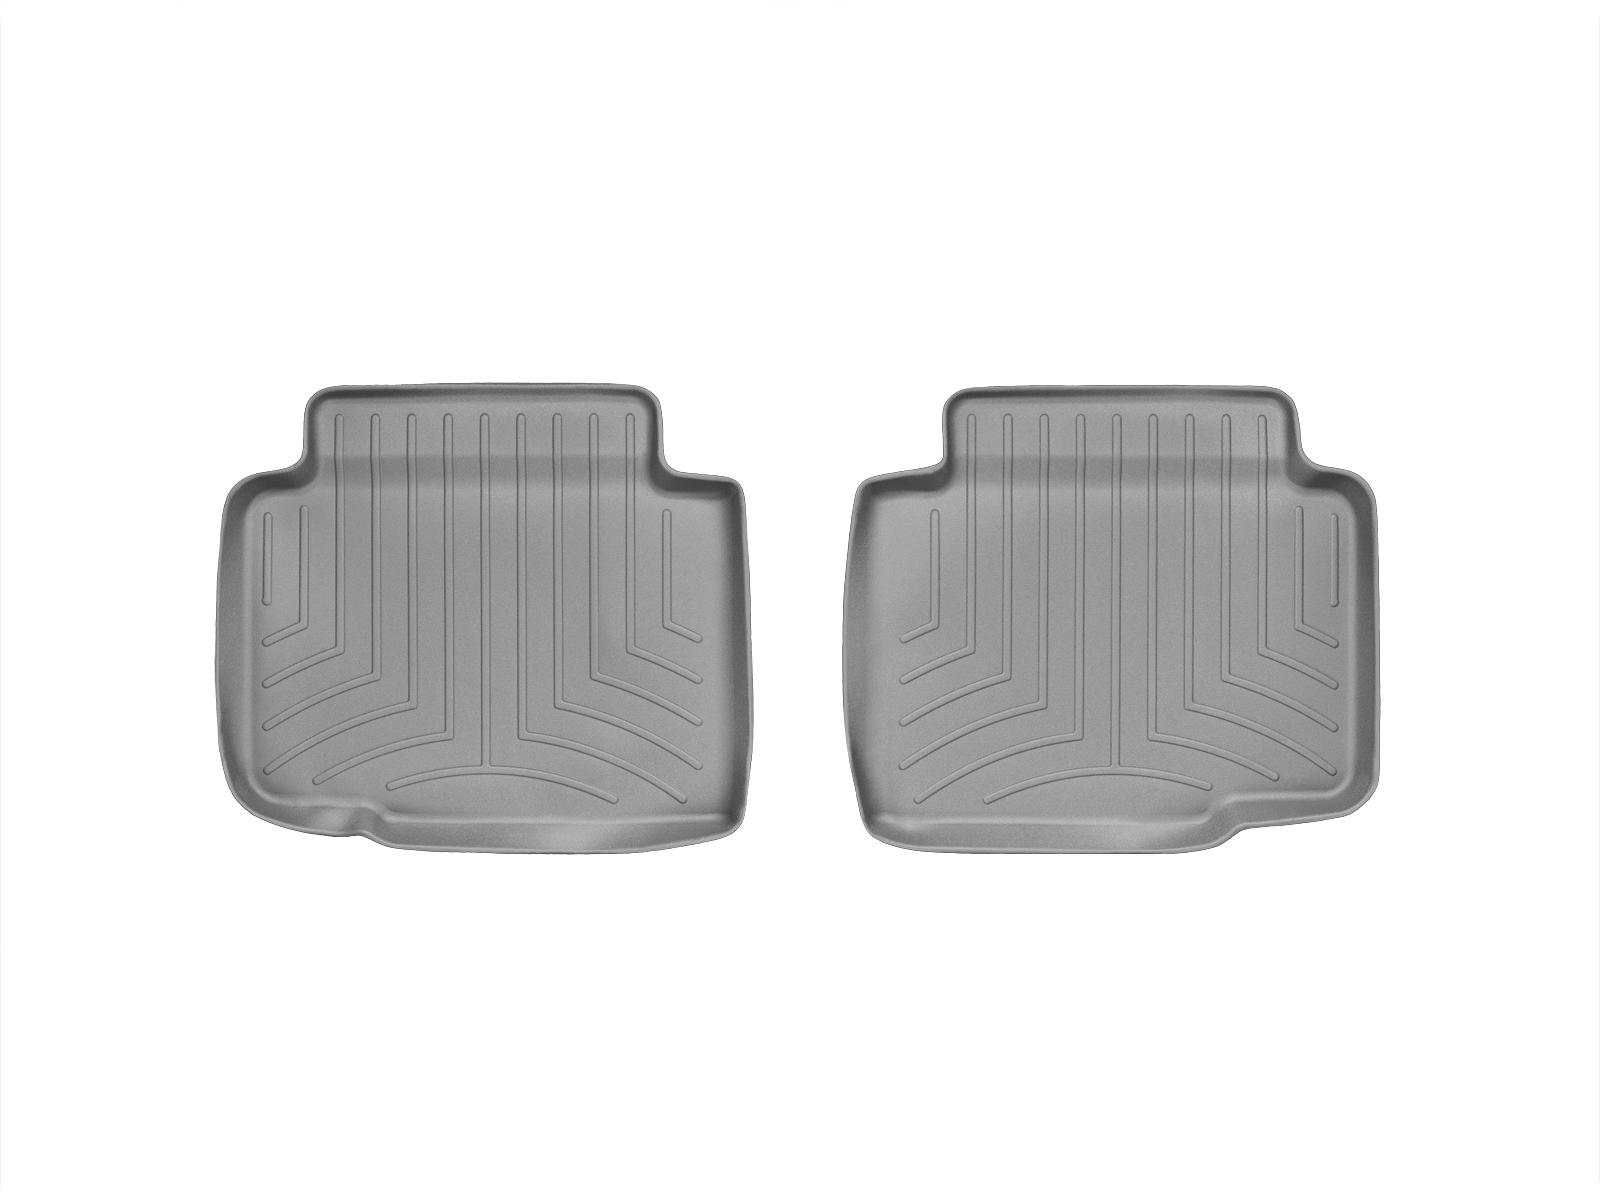 Tappeti gomma su misura bordo alto Chevrolet Impala Limited 14>16 Grigio A138